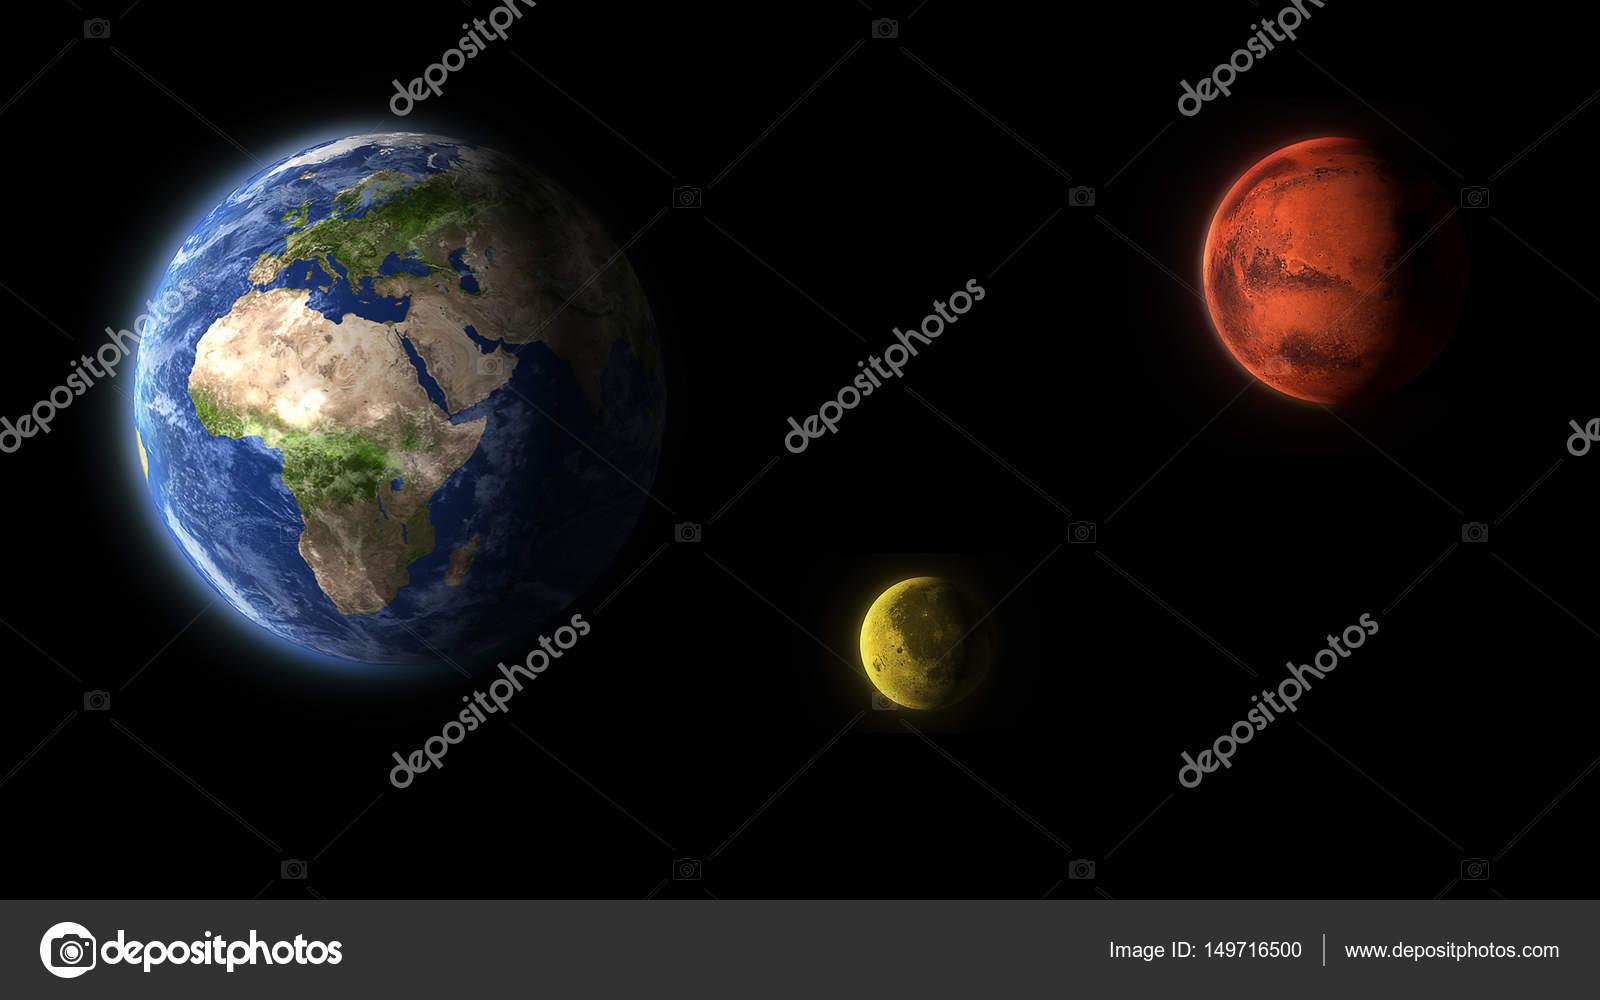 Erde Mond Mars Roten Planeten Isoliert Auf Schwarz Stockfoto